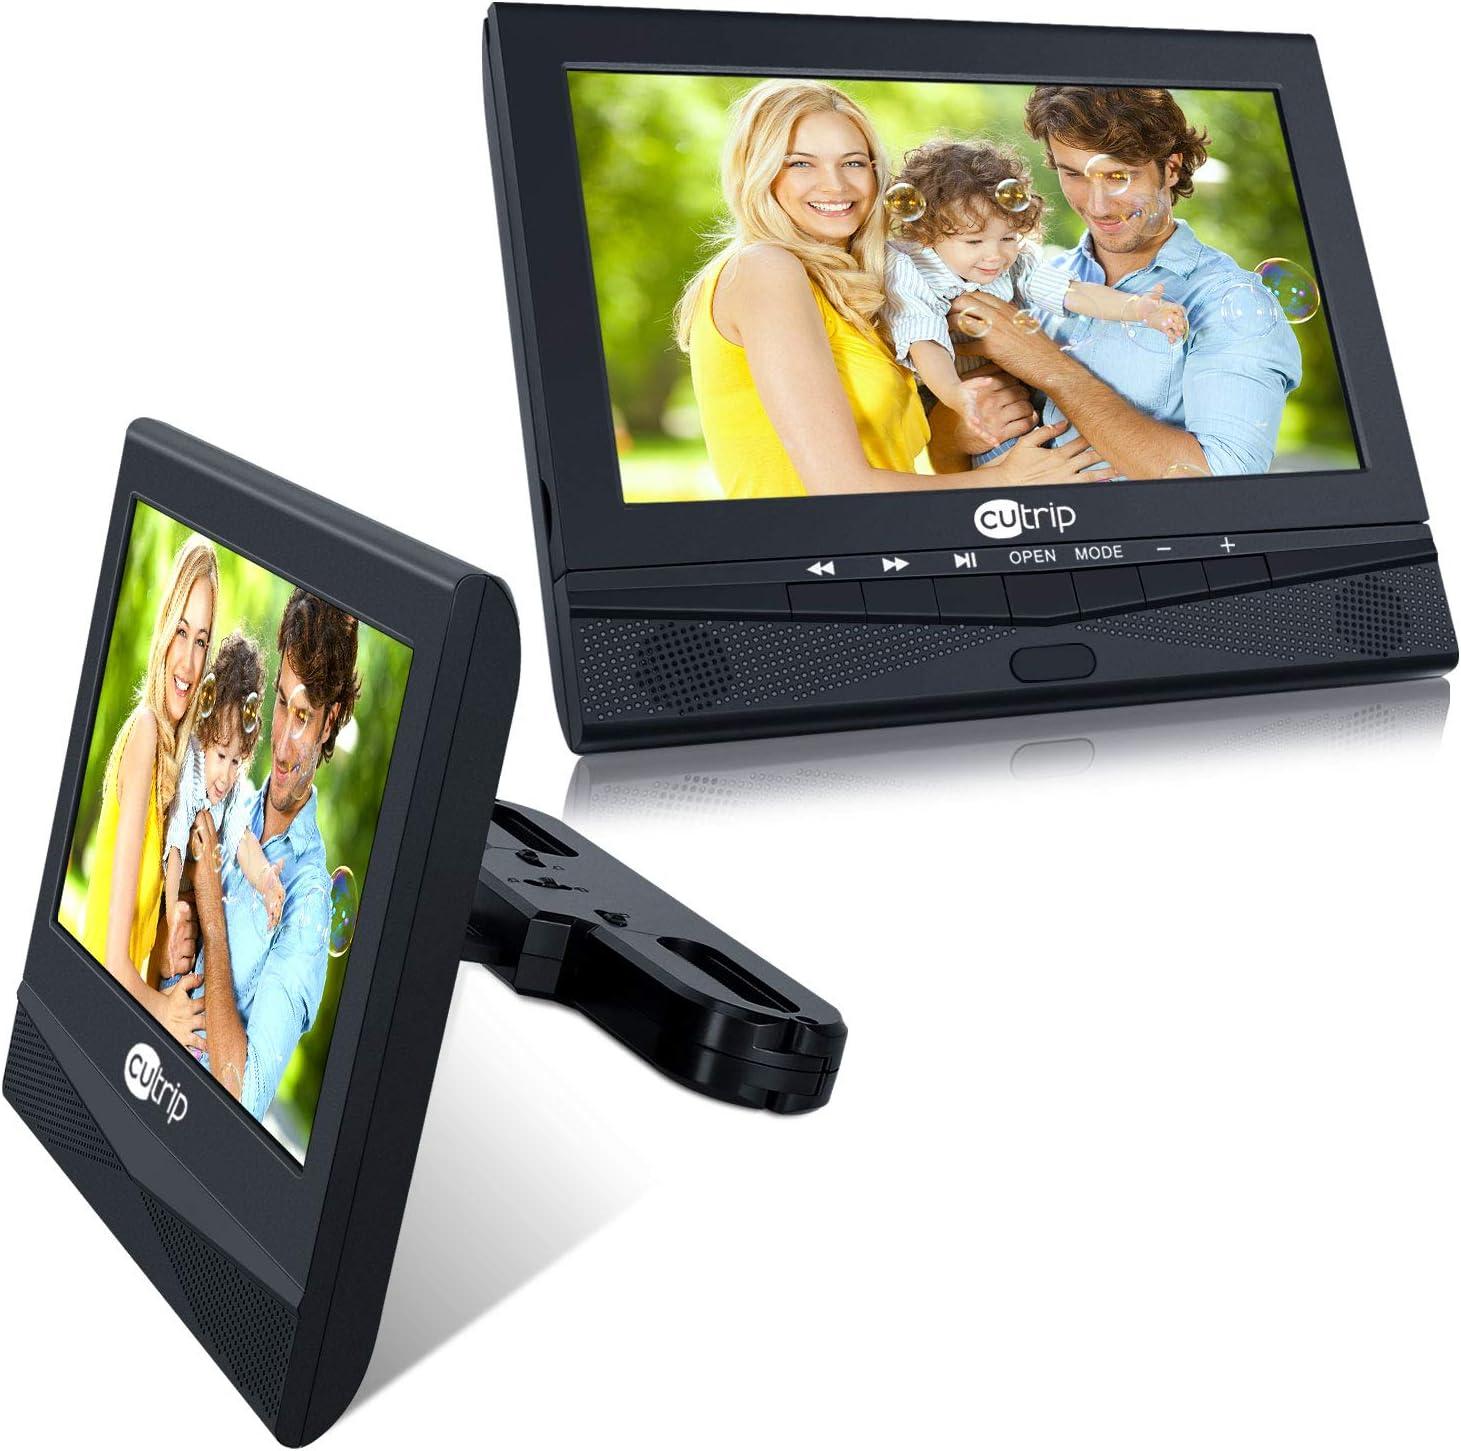 cutrip 10 Pulgadas Coche Monitor Reproductor de DVD: Amazon.es: Electrónica